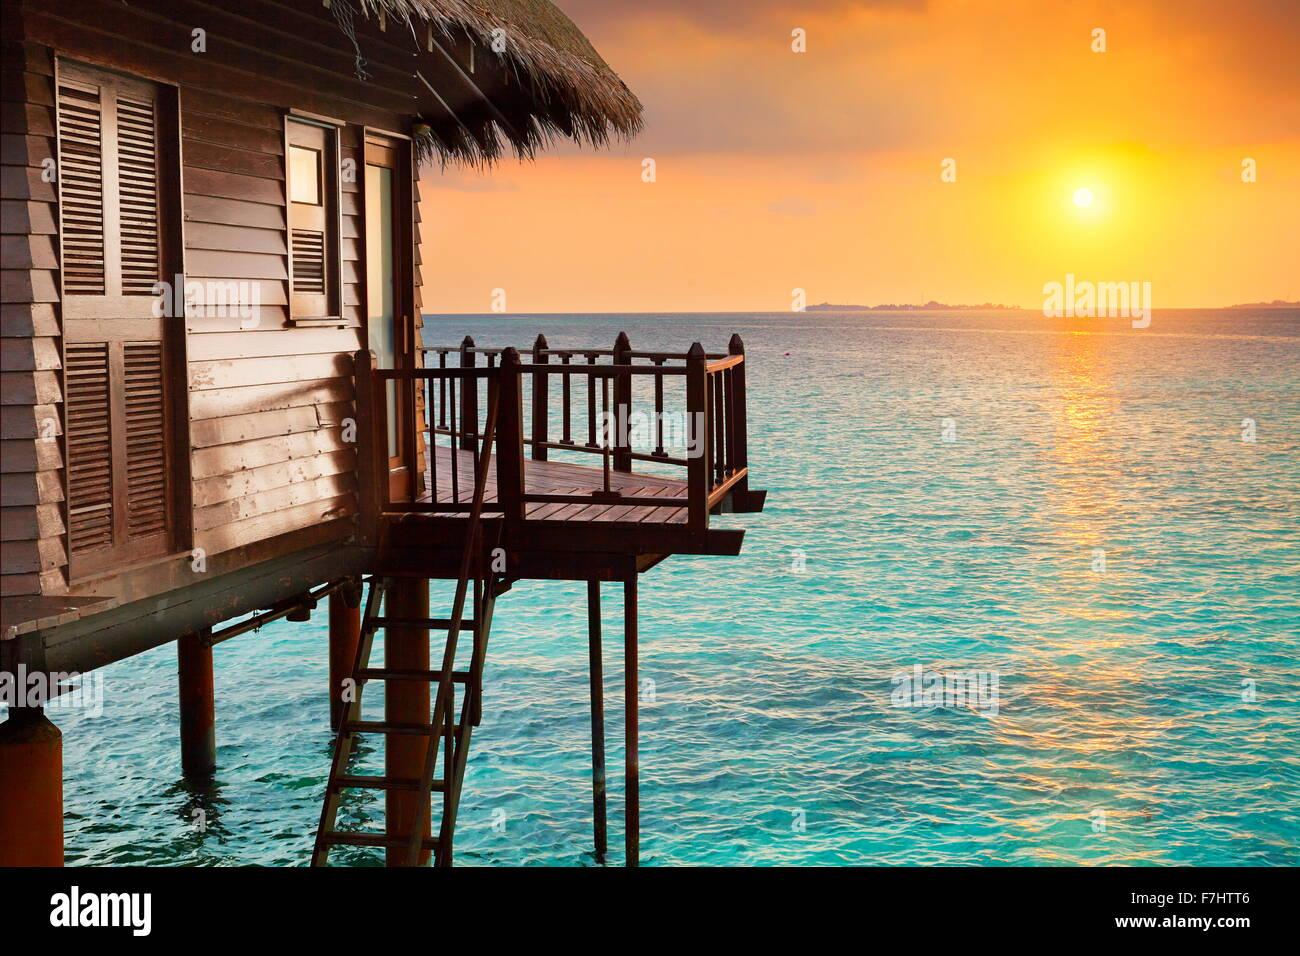 Tramonto tropicale paesaggio all'hotel Isole Maldive Immagini Stock